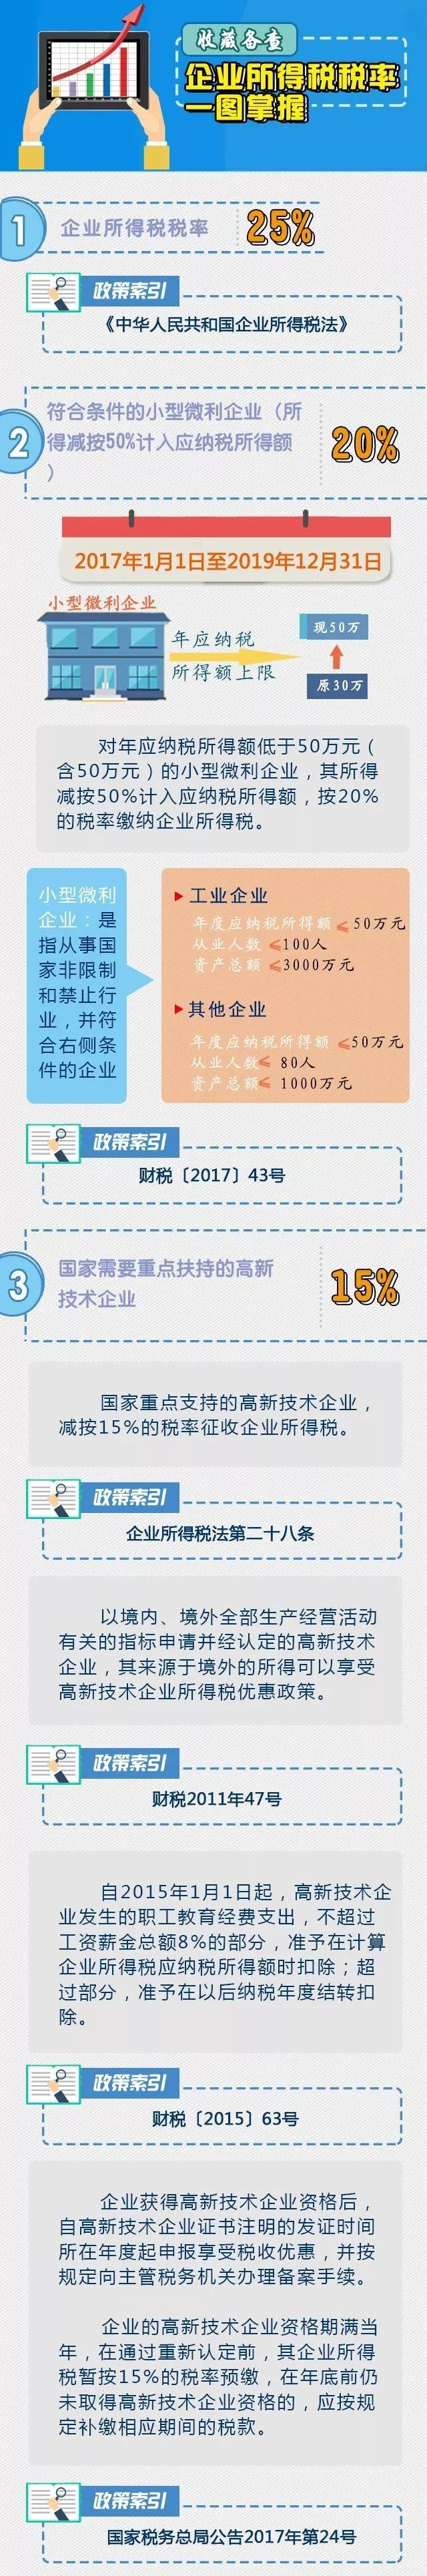 一图掌握企业所得税税率!会计必备!_搜狐教育_搜狐网